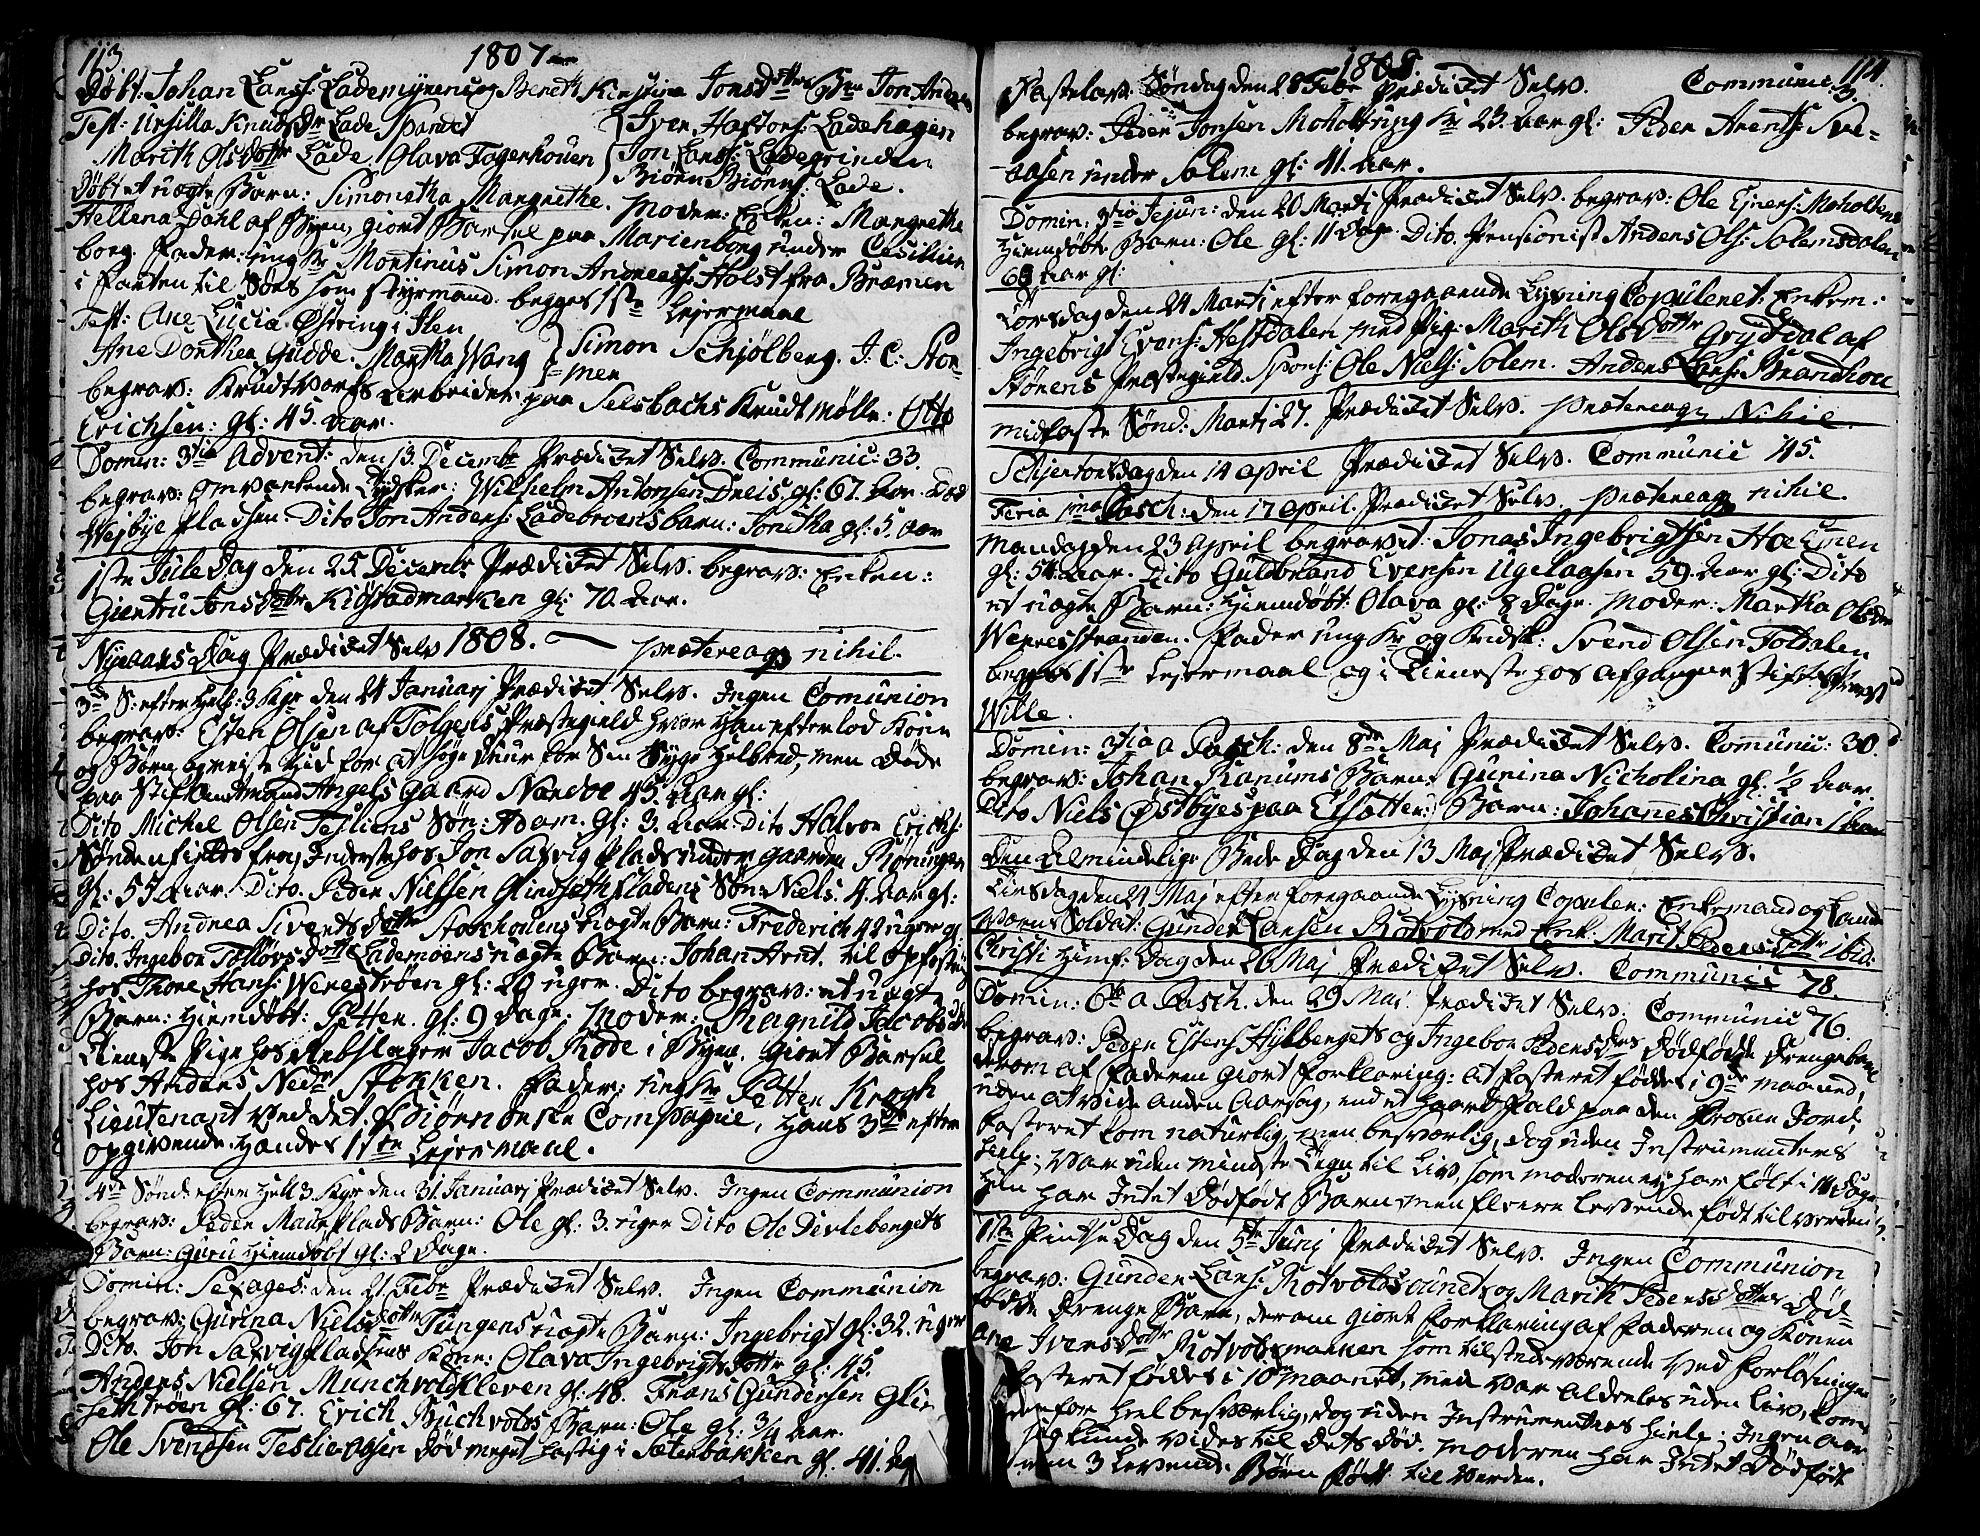 SAT, Ministerialprotokoller, klokkerbøker og fødselsregistre - Sør-Trøndelag, 606/L0280: Ministerialbok nr. 606A02 /1, 1781-1817, s. 113-114